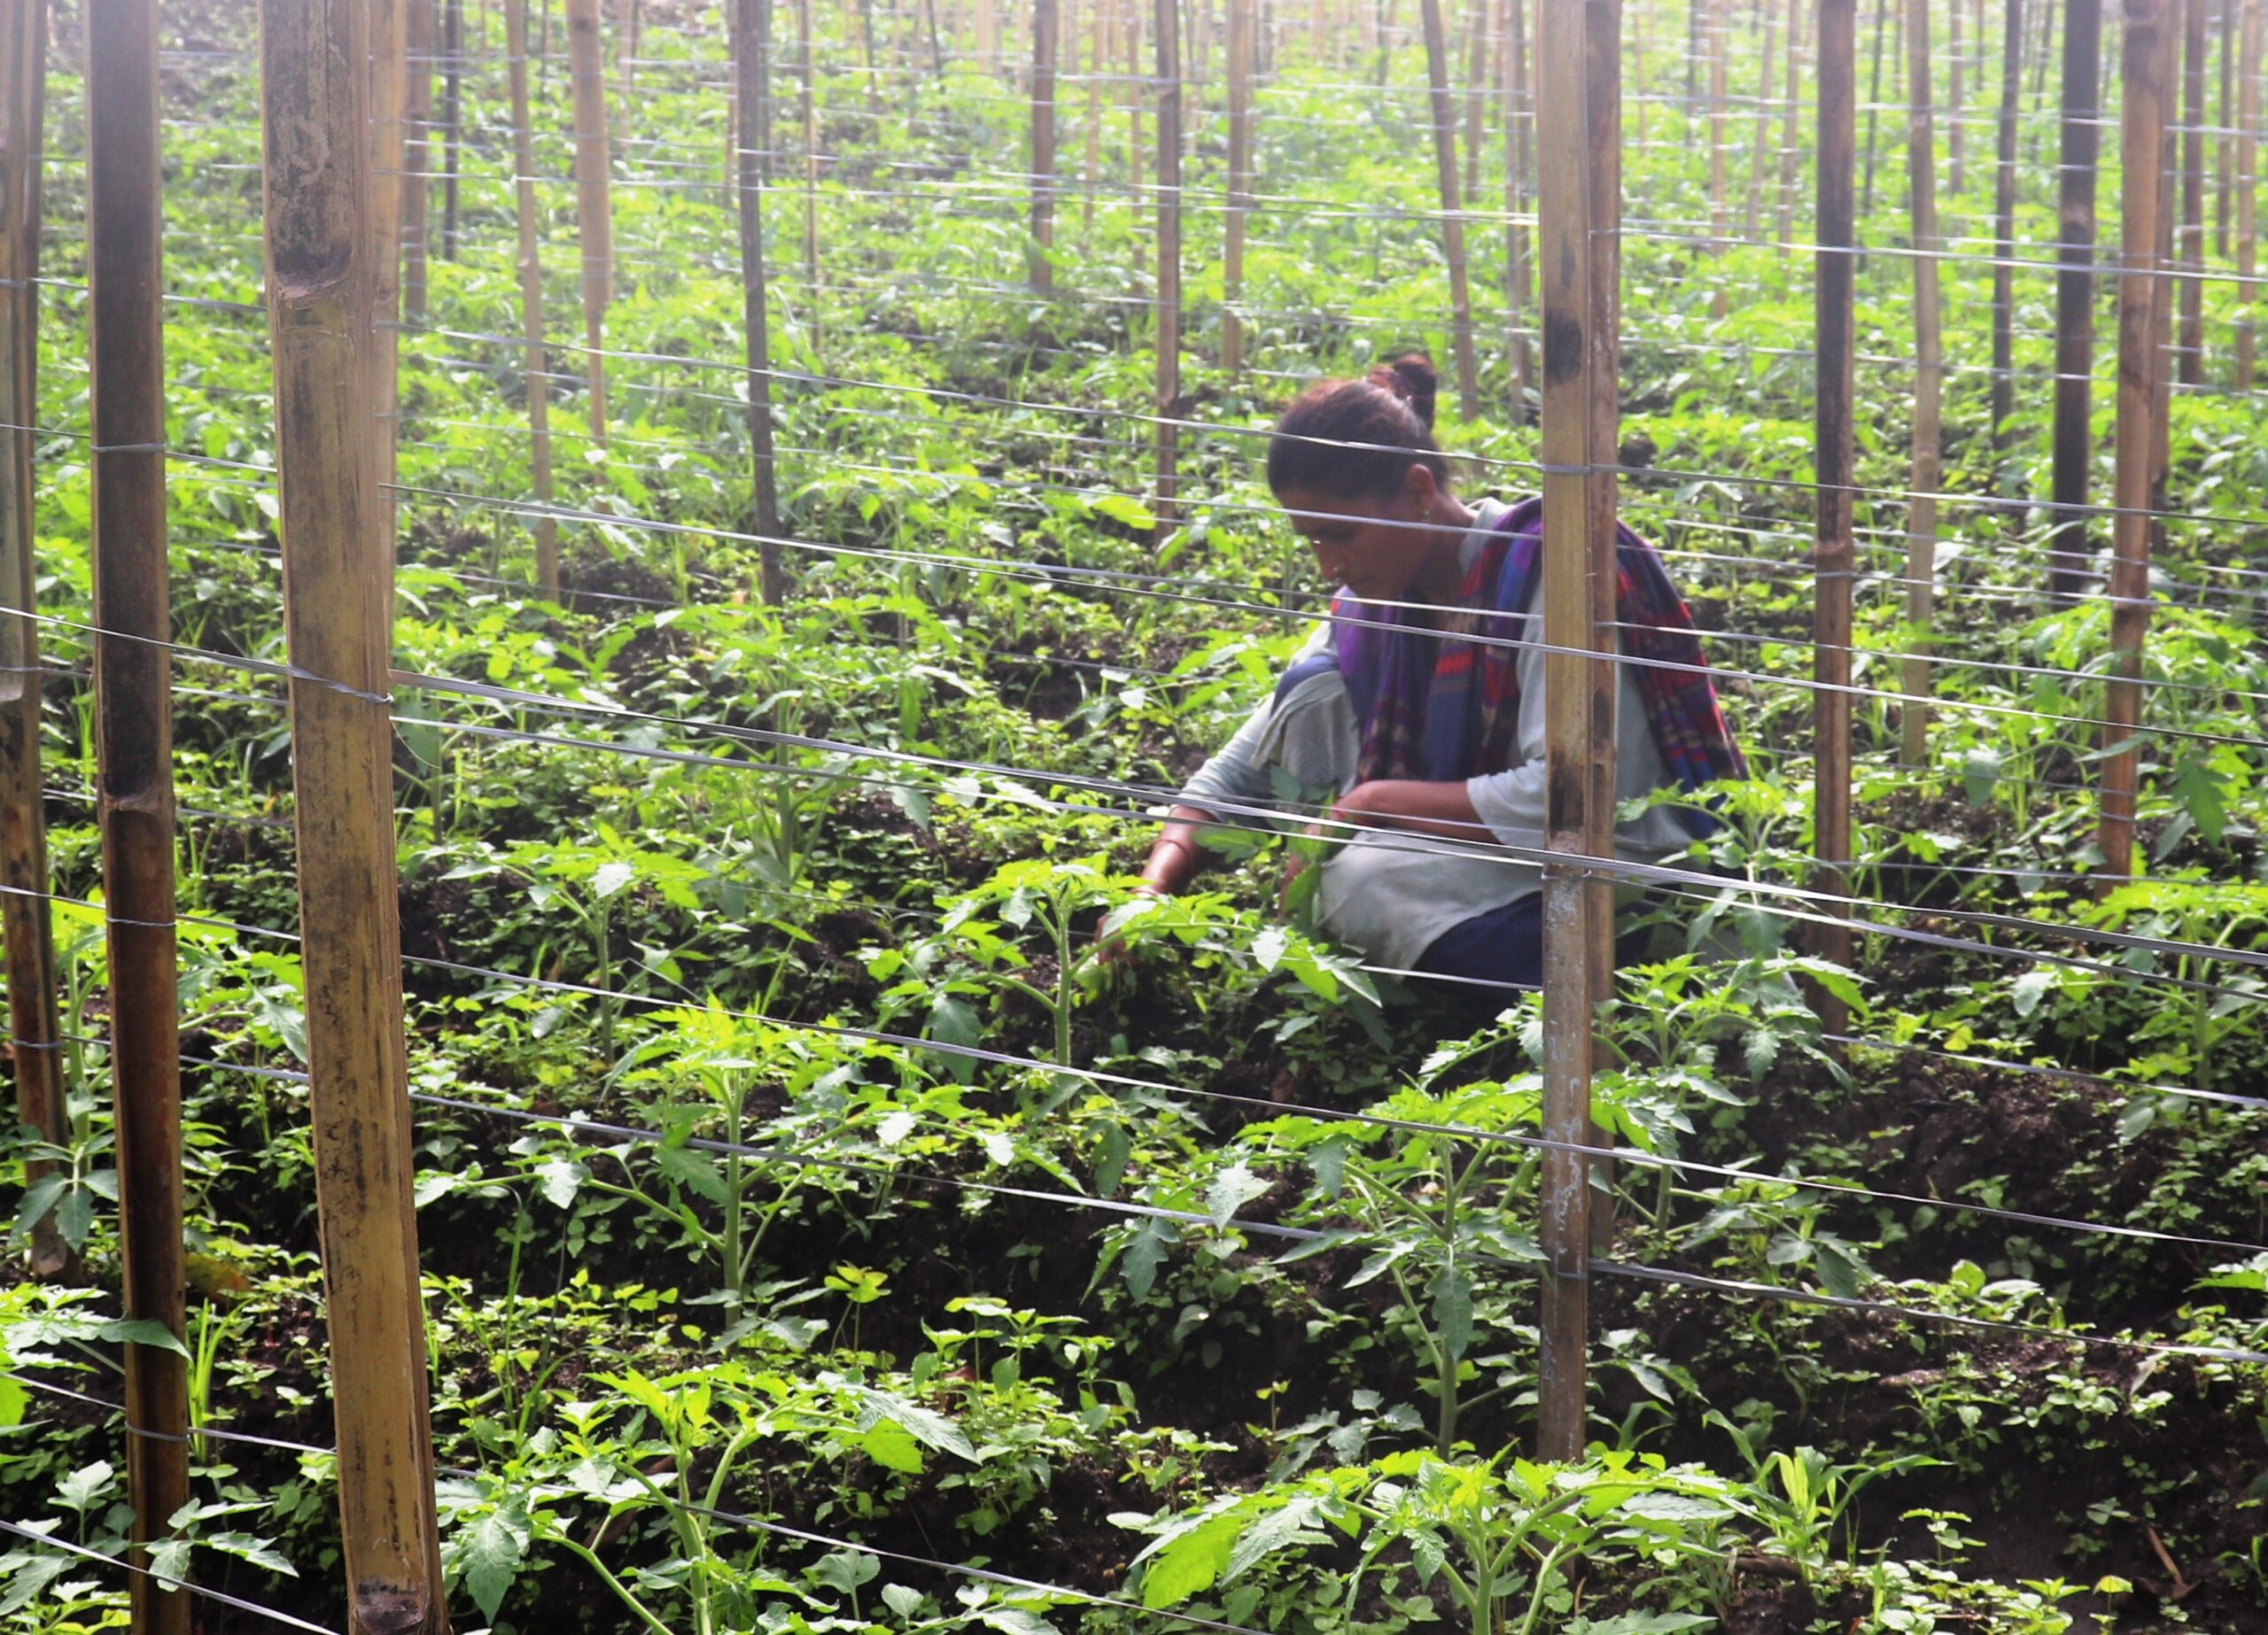 टमाटर खेतीमा रमाउँदै रमा, फल र बिरुवा बेचेर बार्षिक पाँचलाख आम्दानी